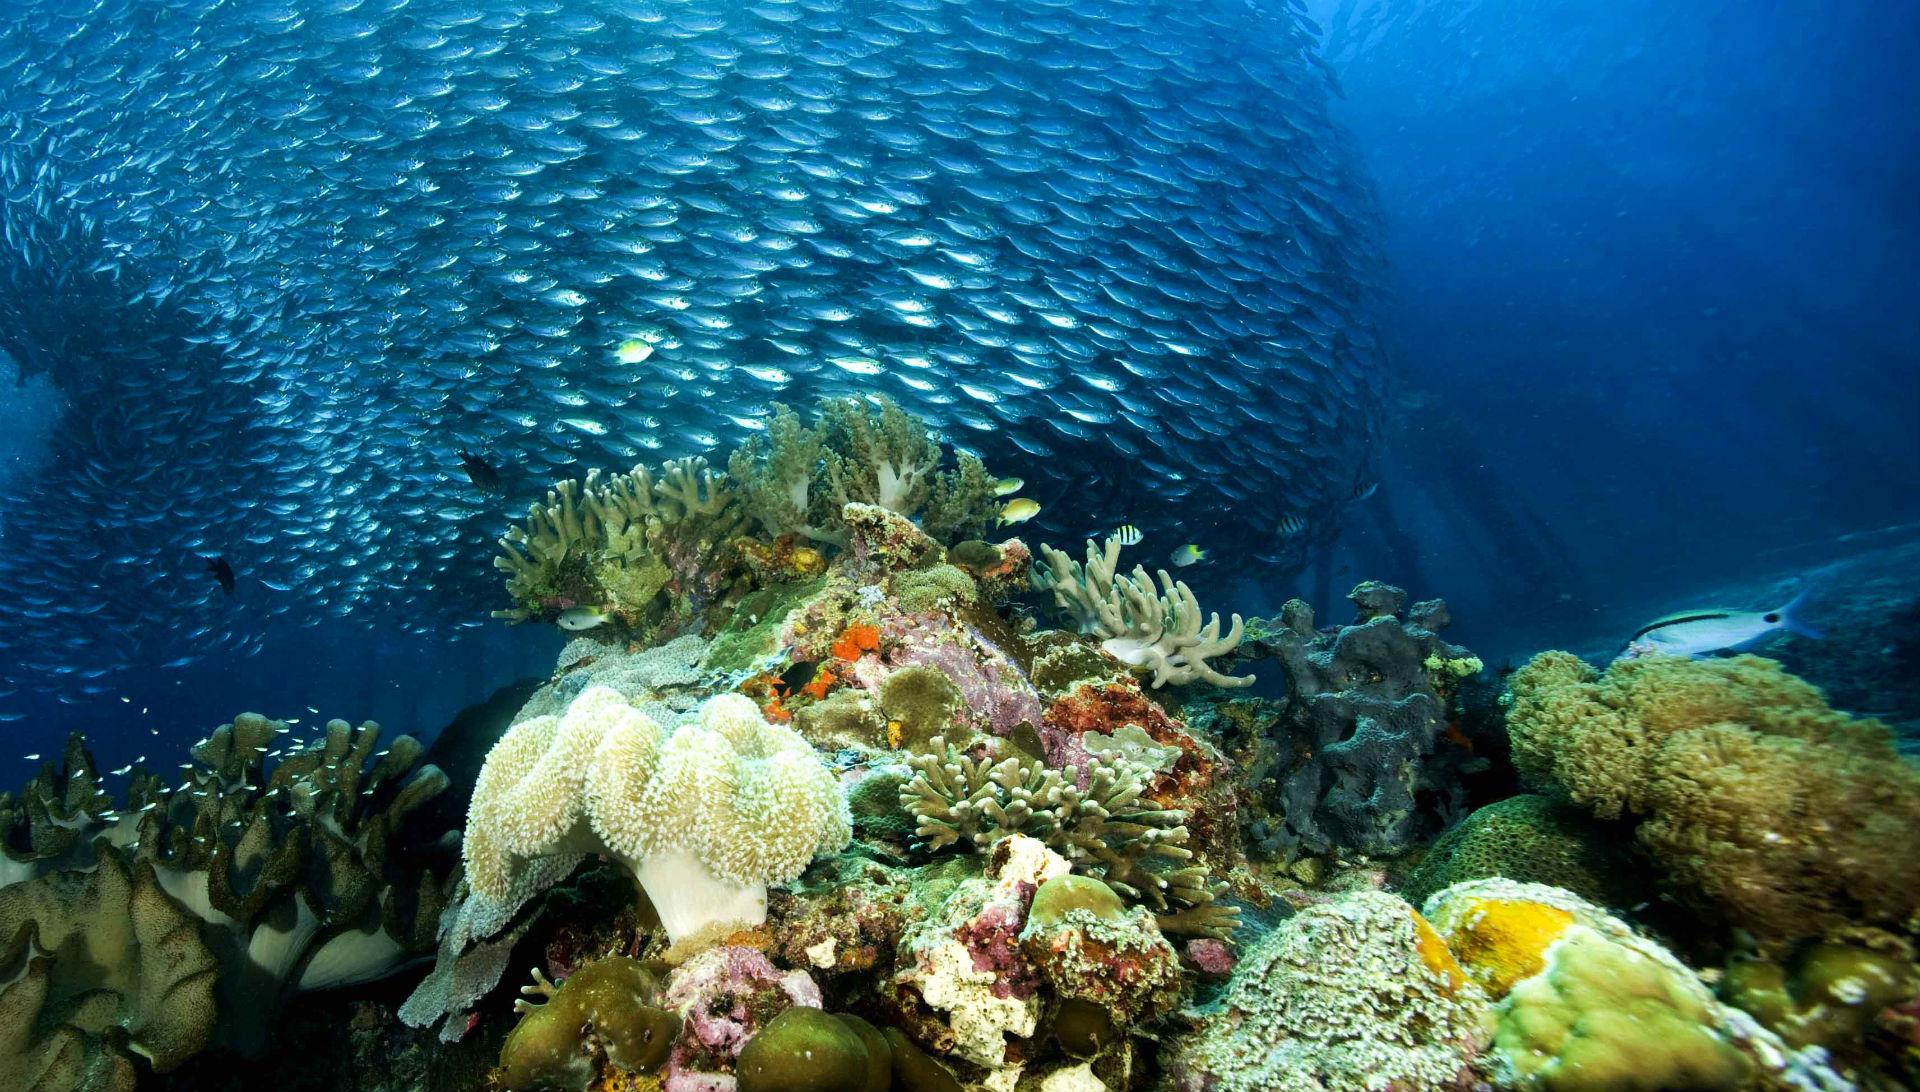 Image Gallery ocean underwater